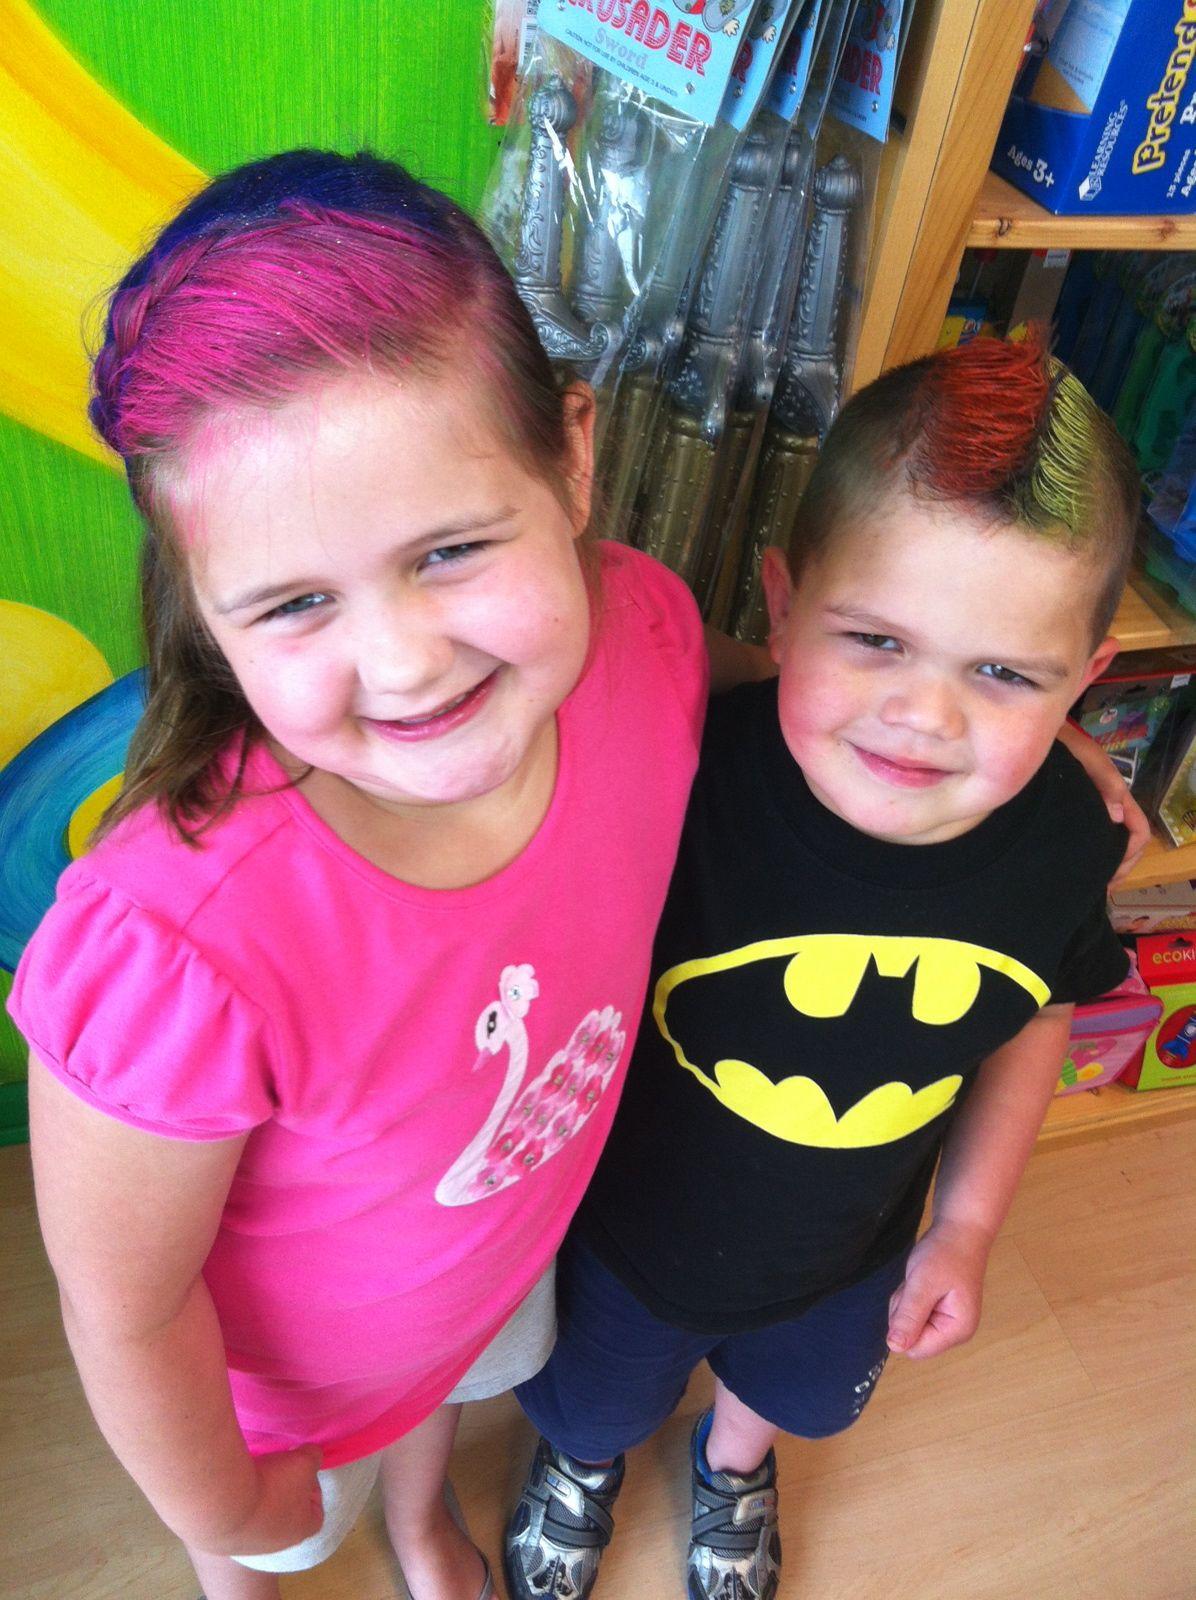 spray colors   Hair kit, Temporary hair color, Temporary hair dye